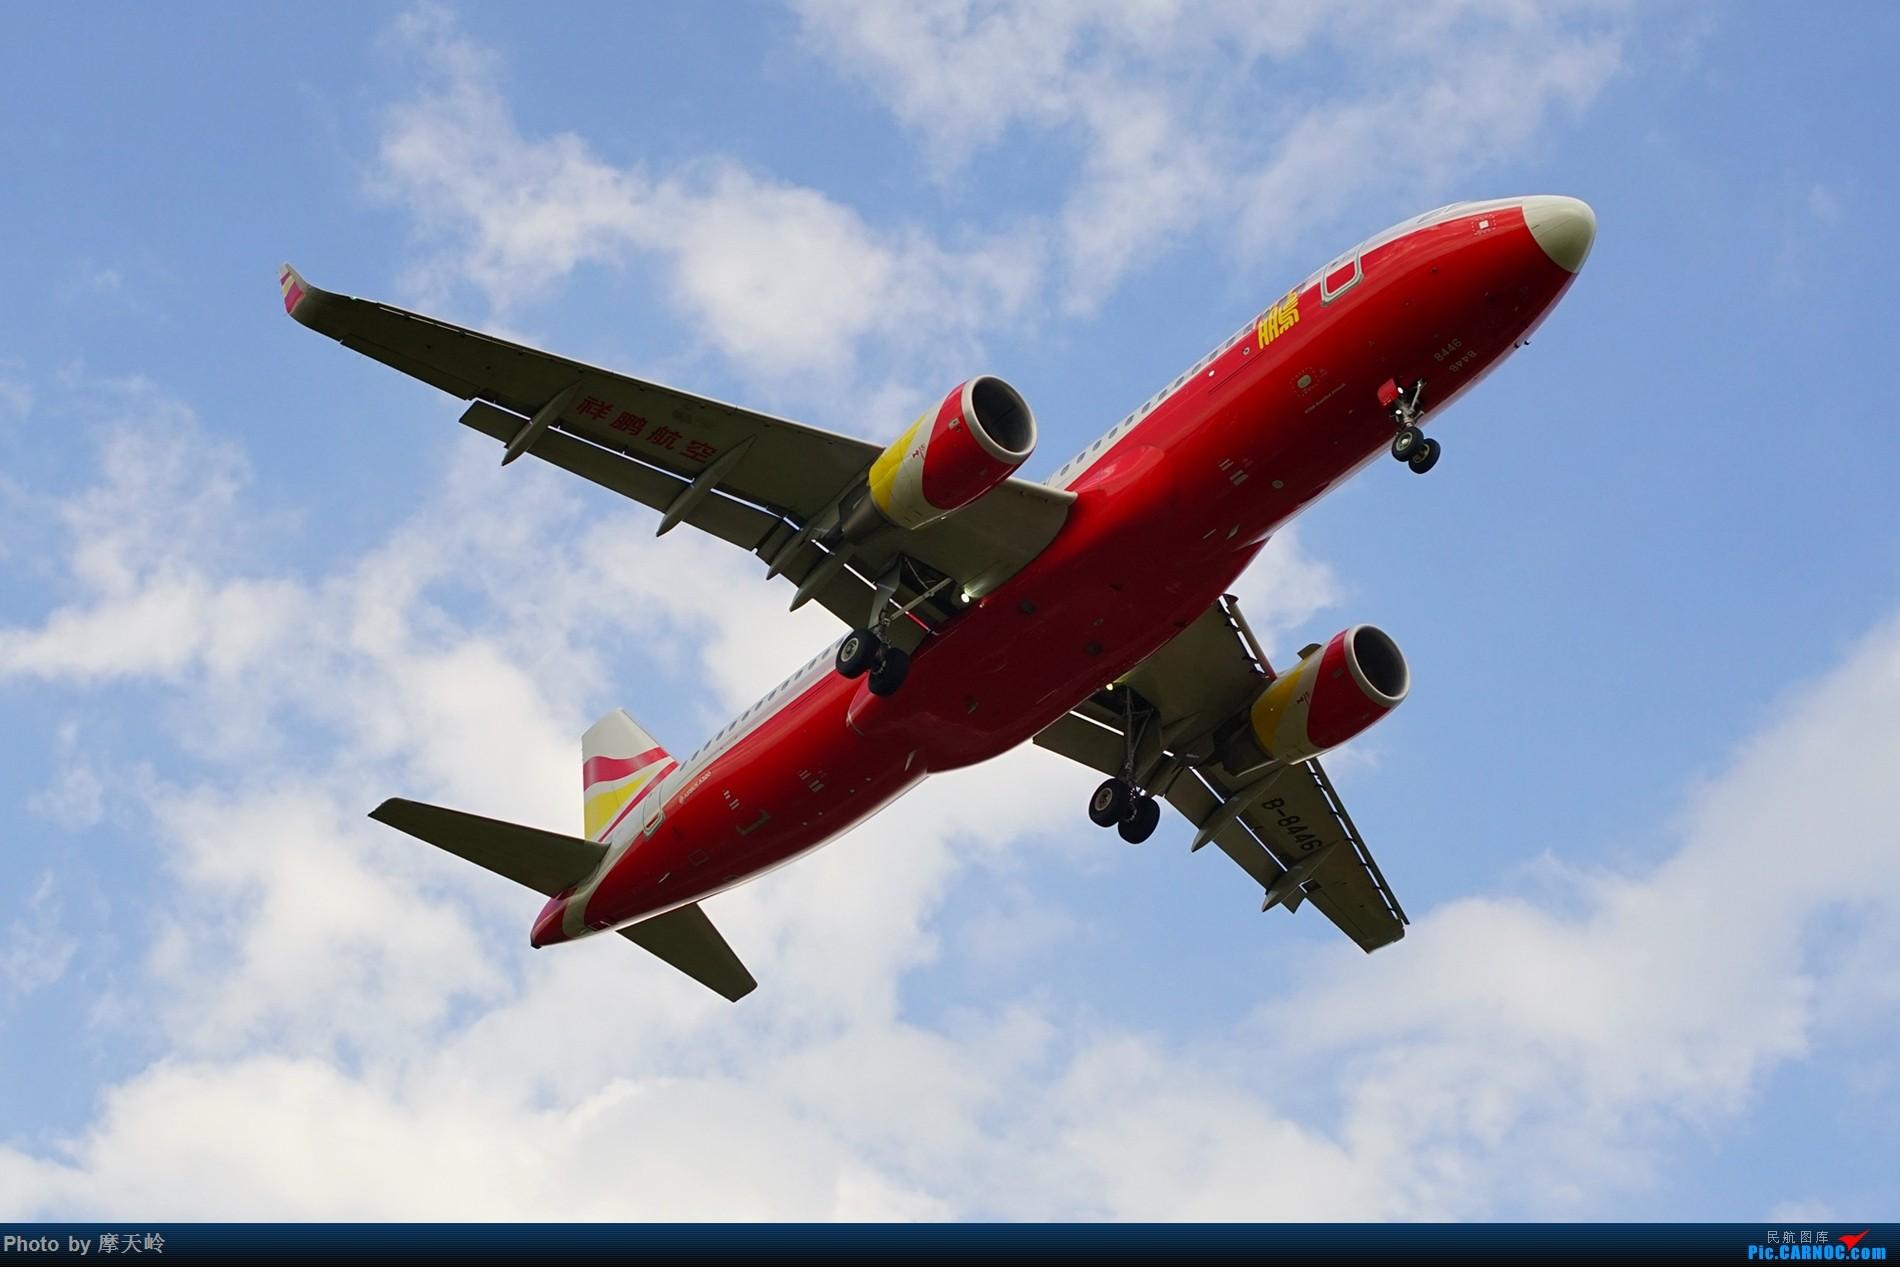 Re:[原创]昆明长水 西跑道头拍机 AIRBUS A320-200 B-8446 中国昆明长水国际机场